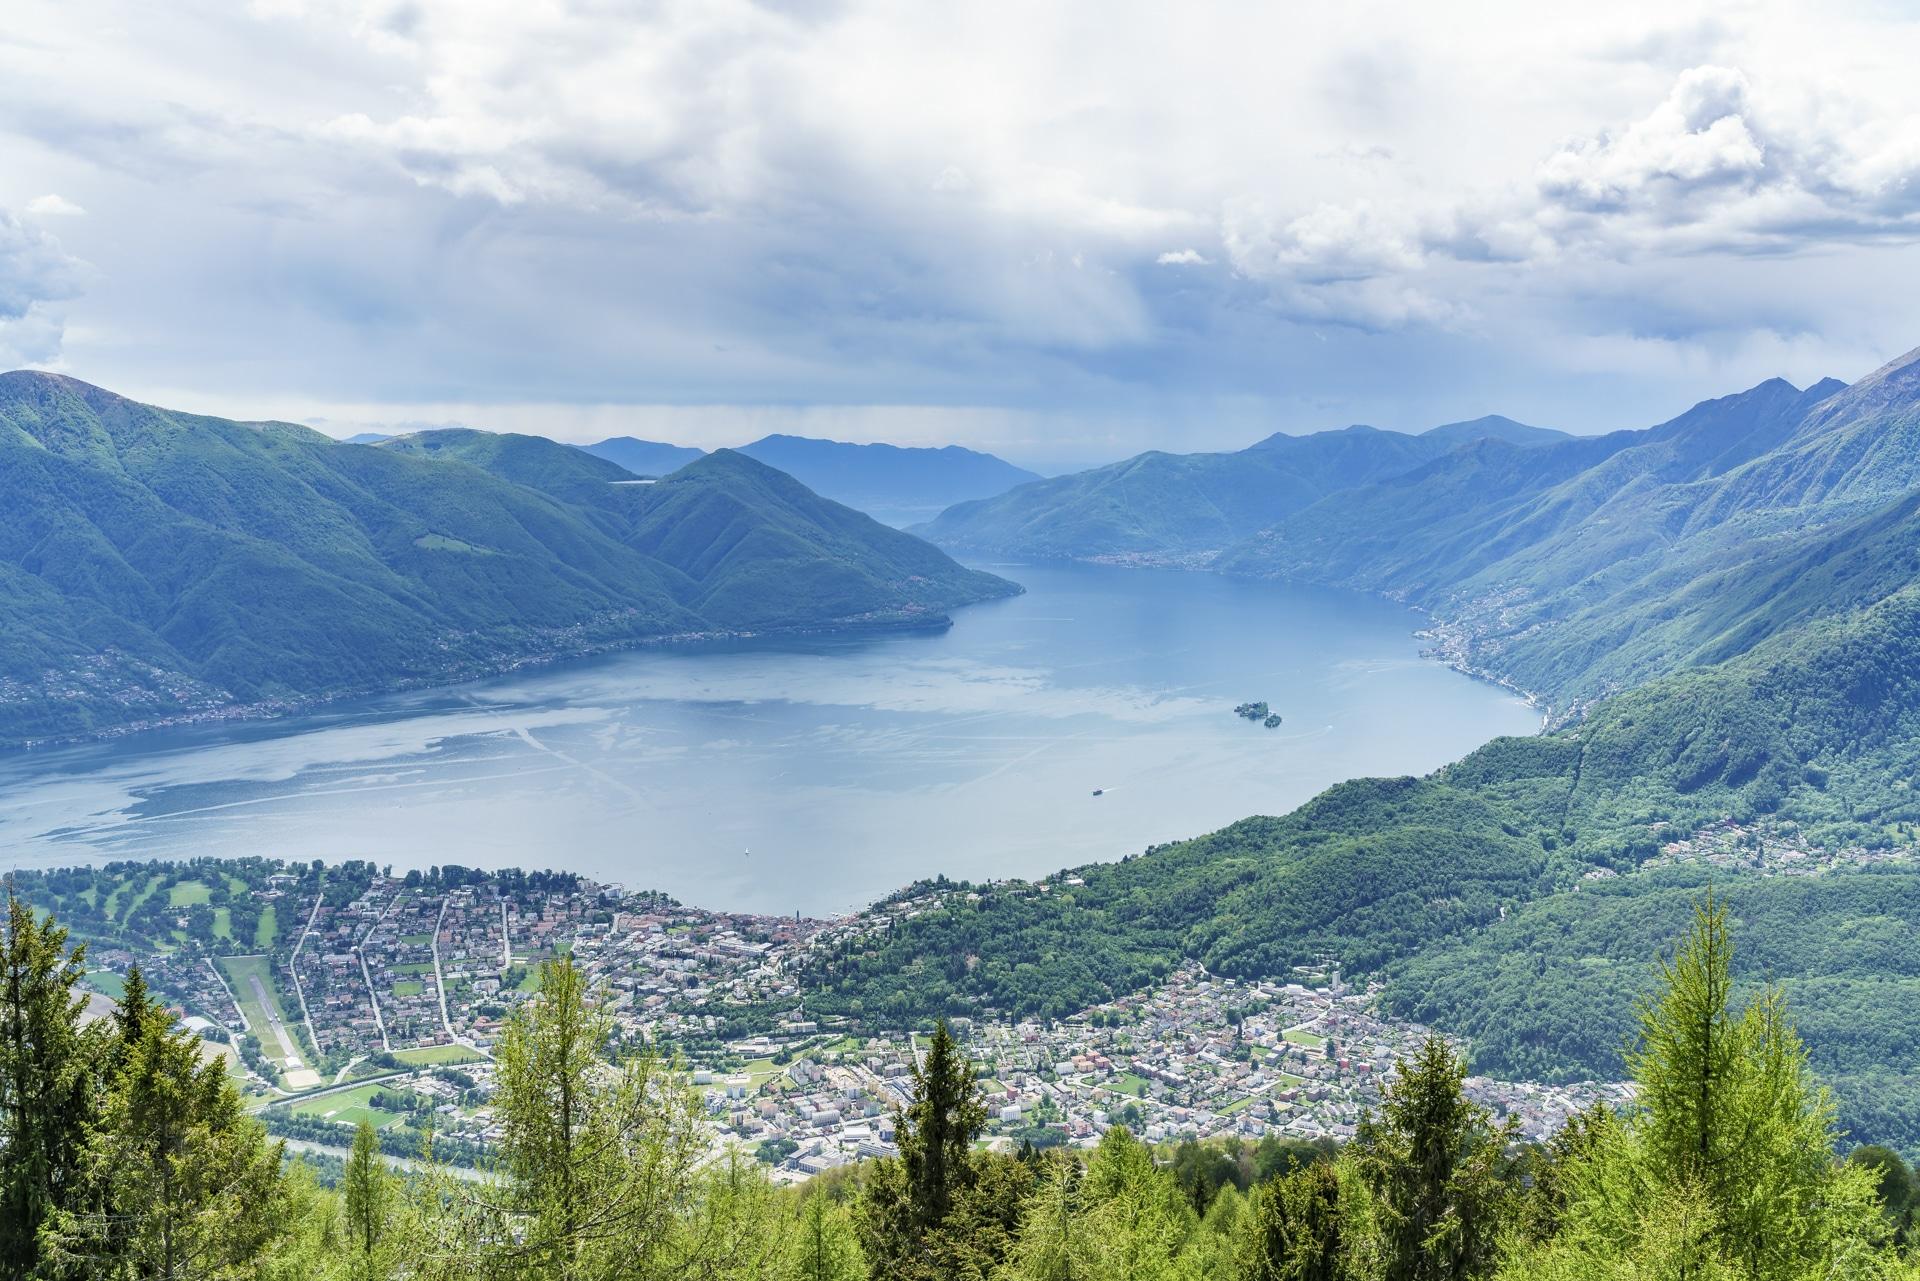 Aussicht-Lago-Maggiore-Cardada-2